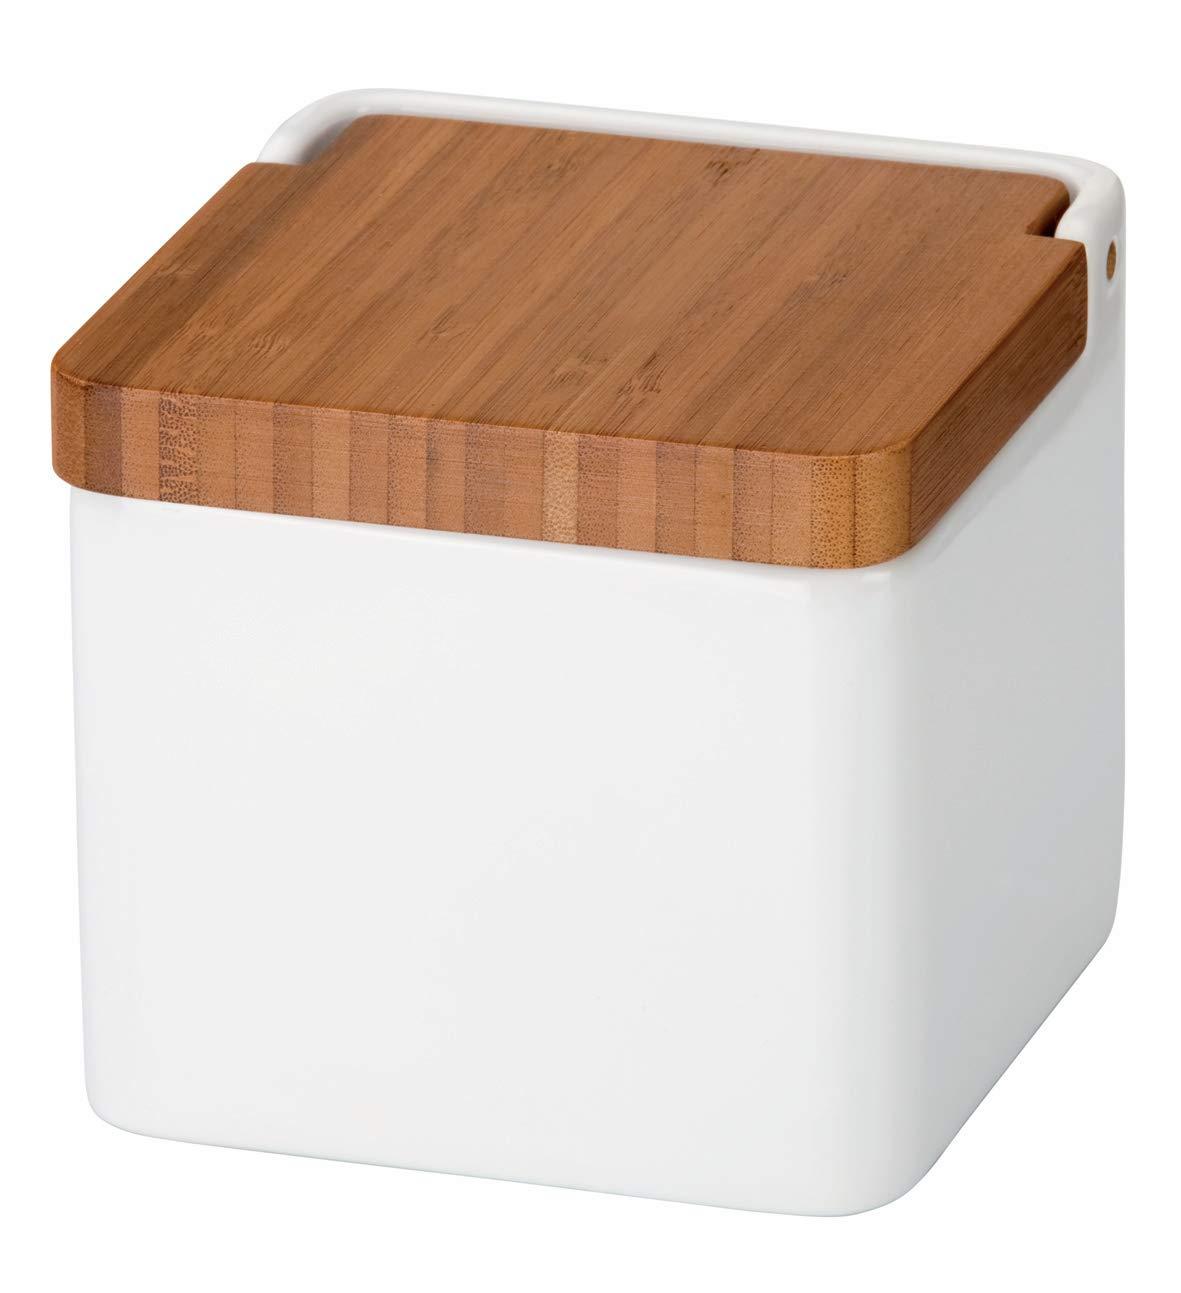 Tescoma Online - Bote con tapa para conservar alimentos (11 cm) 900884